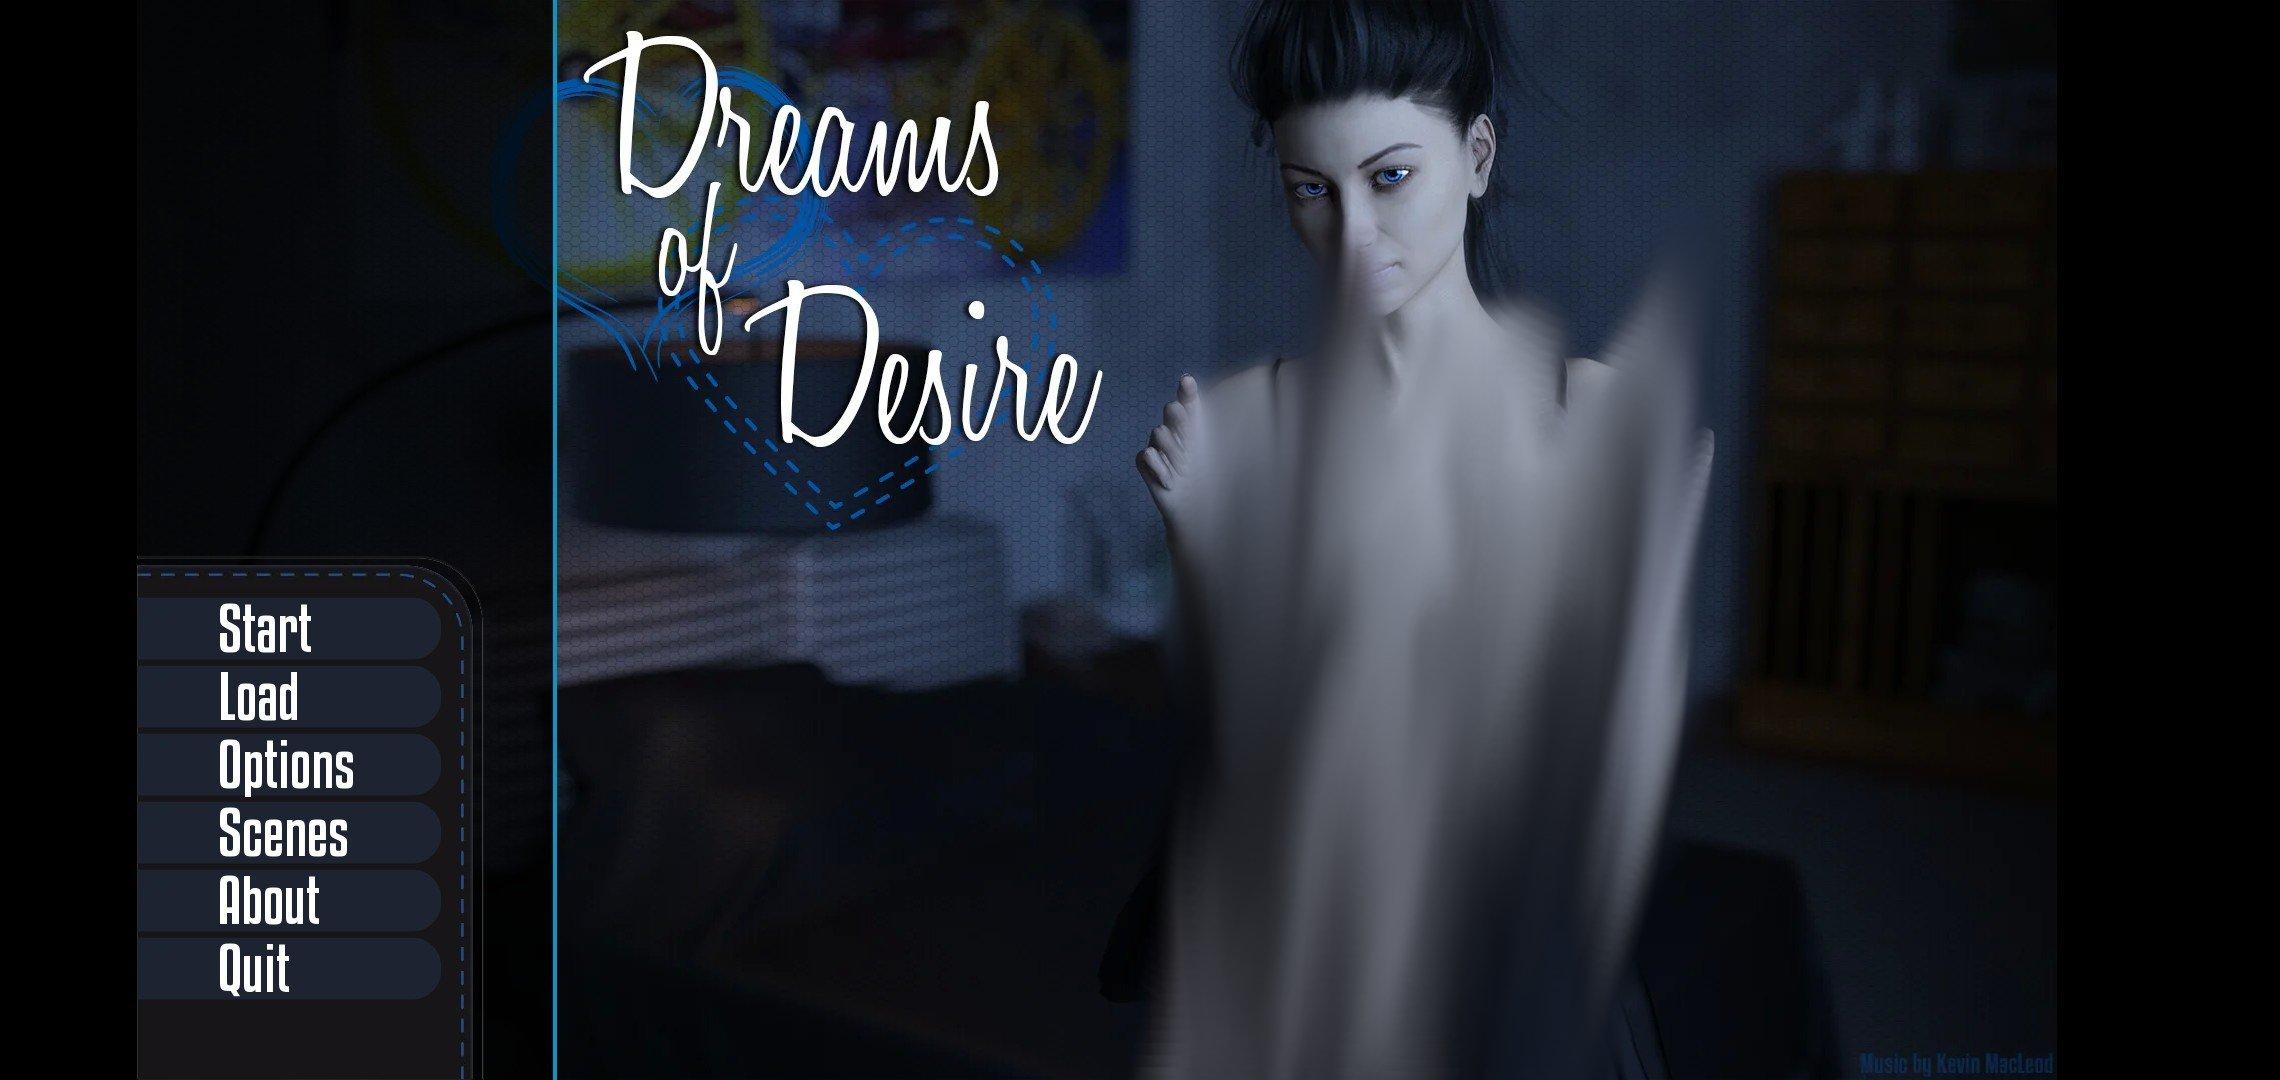 Dreams of Desire Game